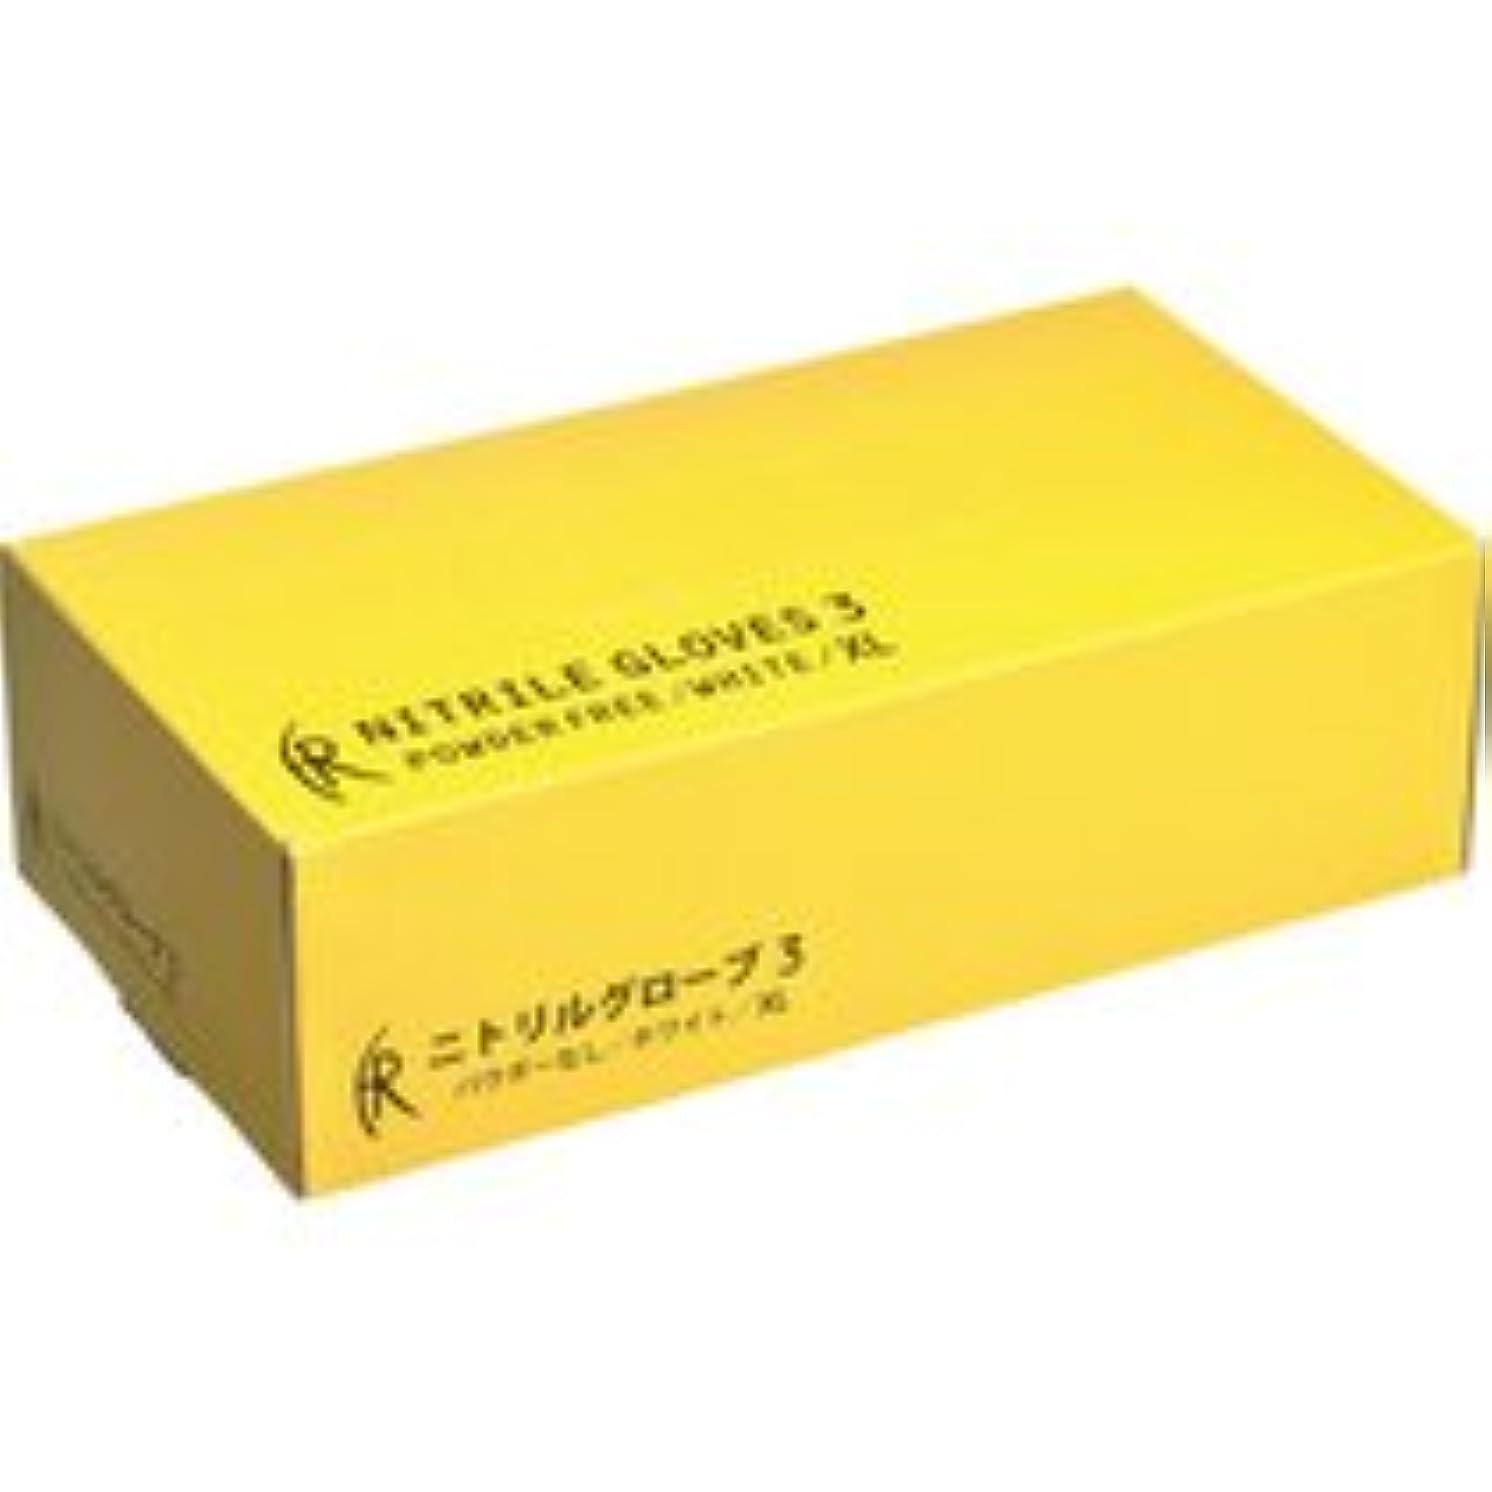 しっとり絶望的なシロクマファーストレイト ニトリルグローブ3 パウダーフリー XL FR-5559 1セット(2000枚:200枚×10箱)